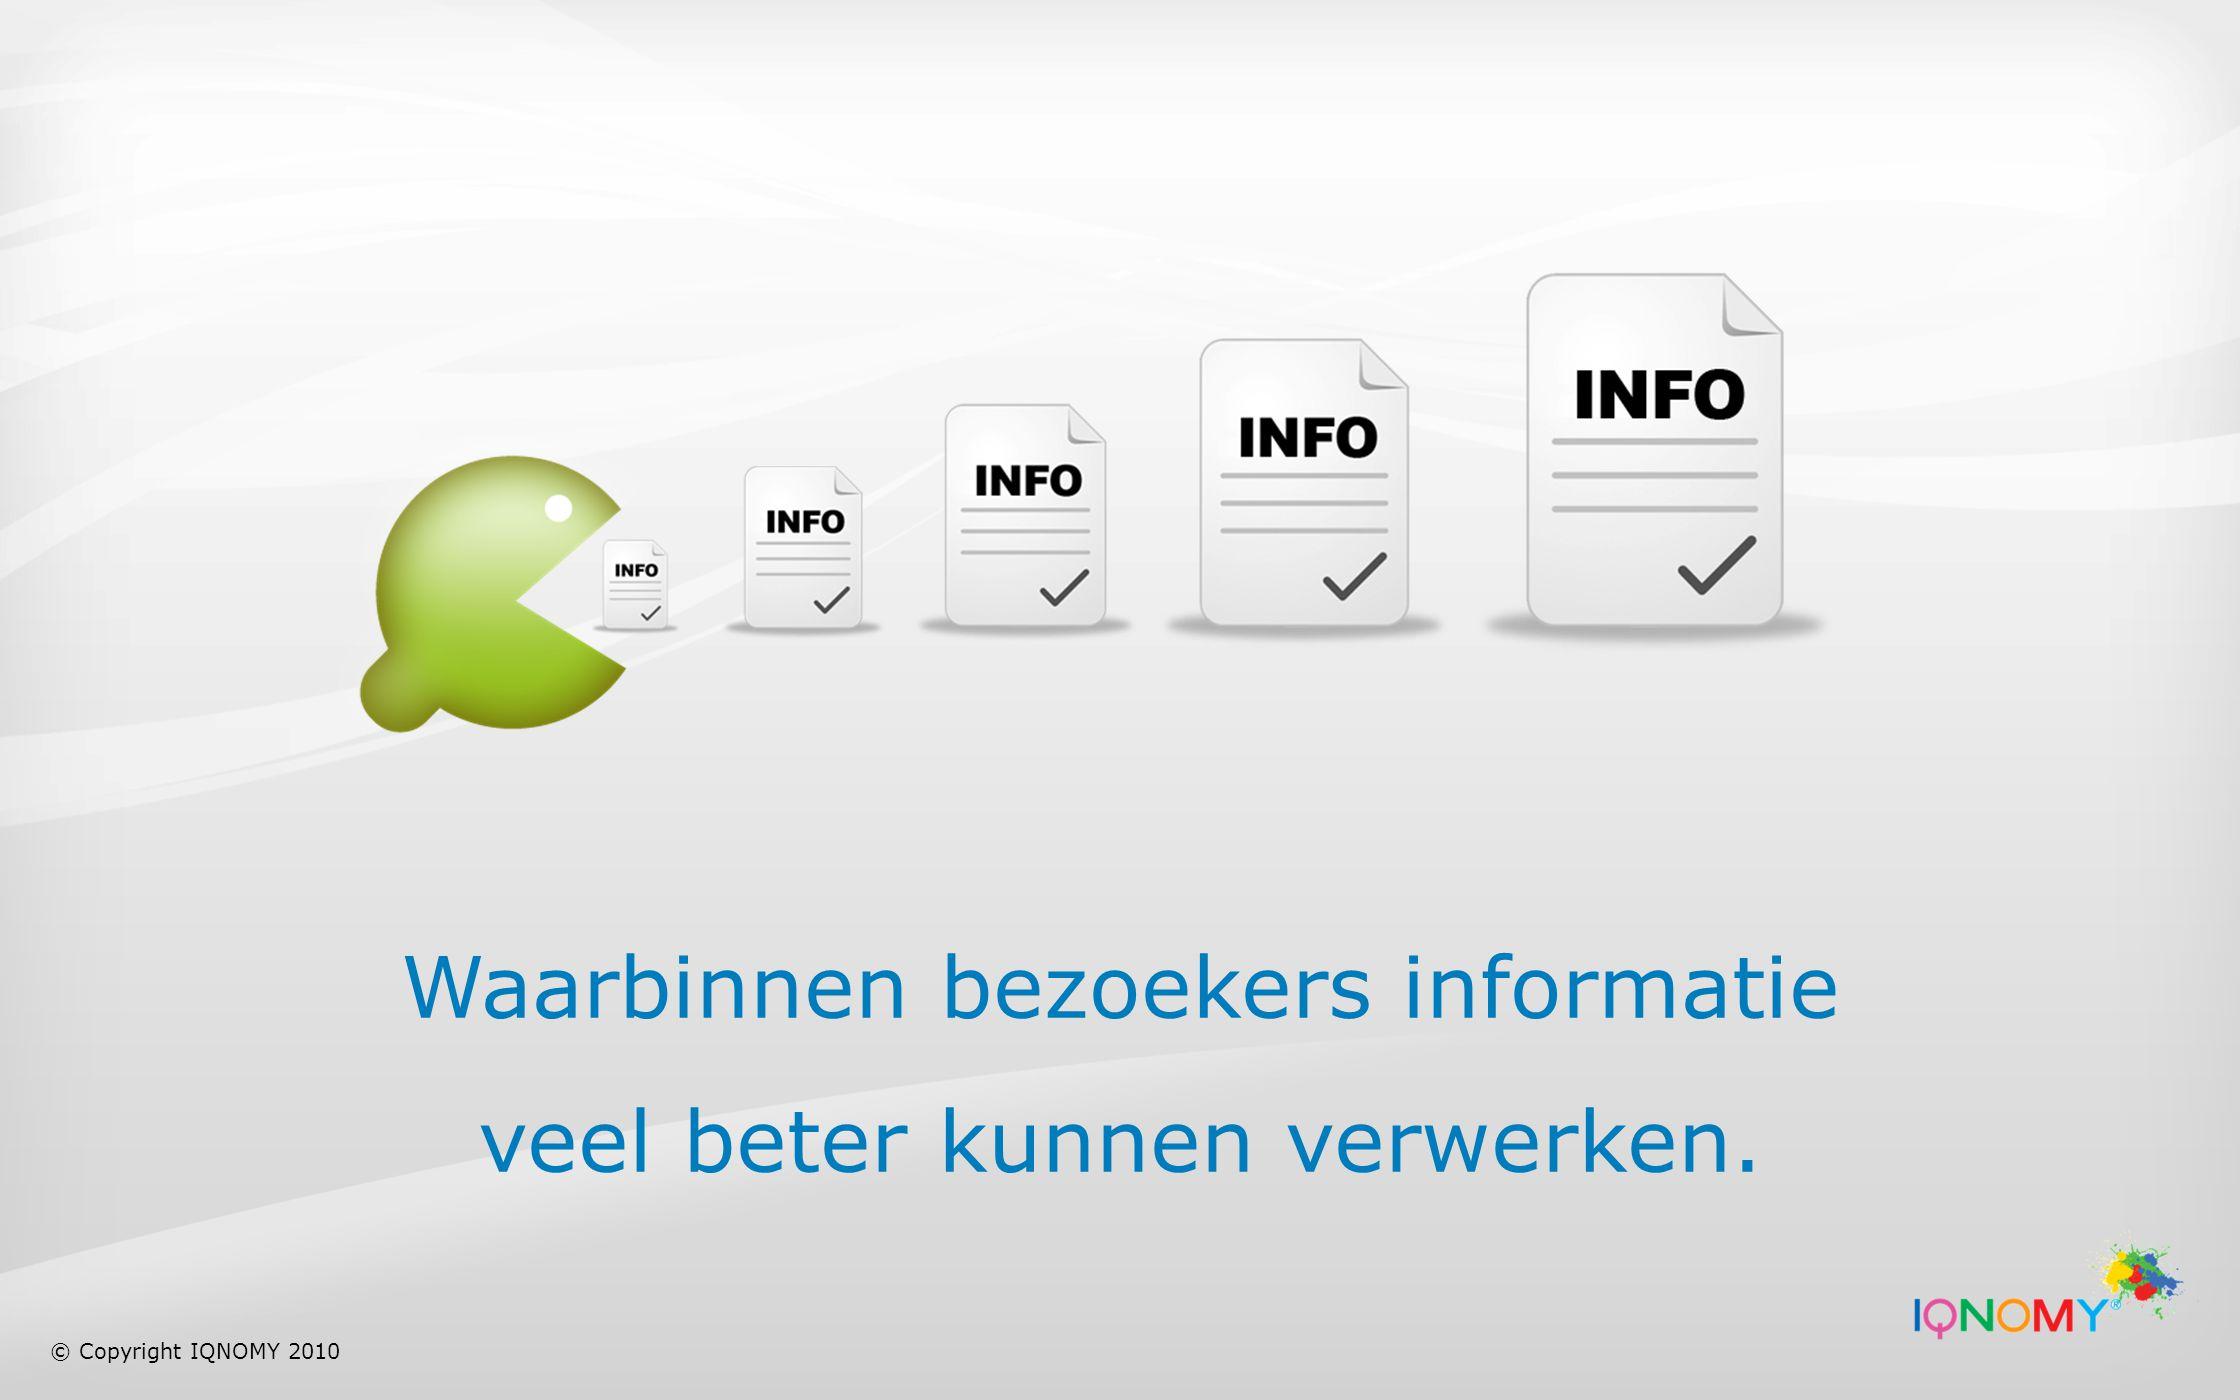 Waarbinnen bezoekers informatie veel beter kunnen verwerken. © Copyright IQNOMY 2010